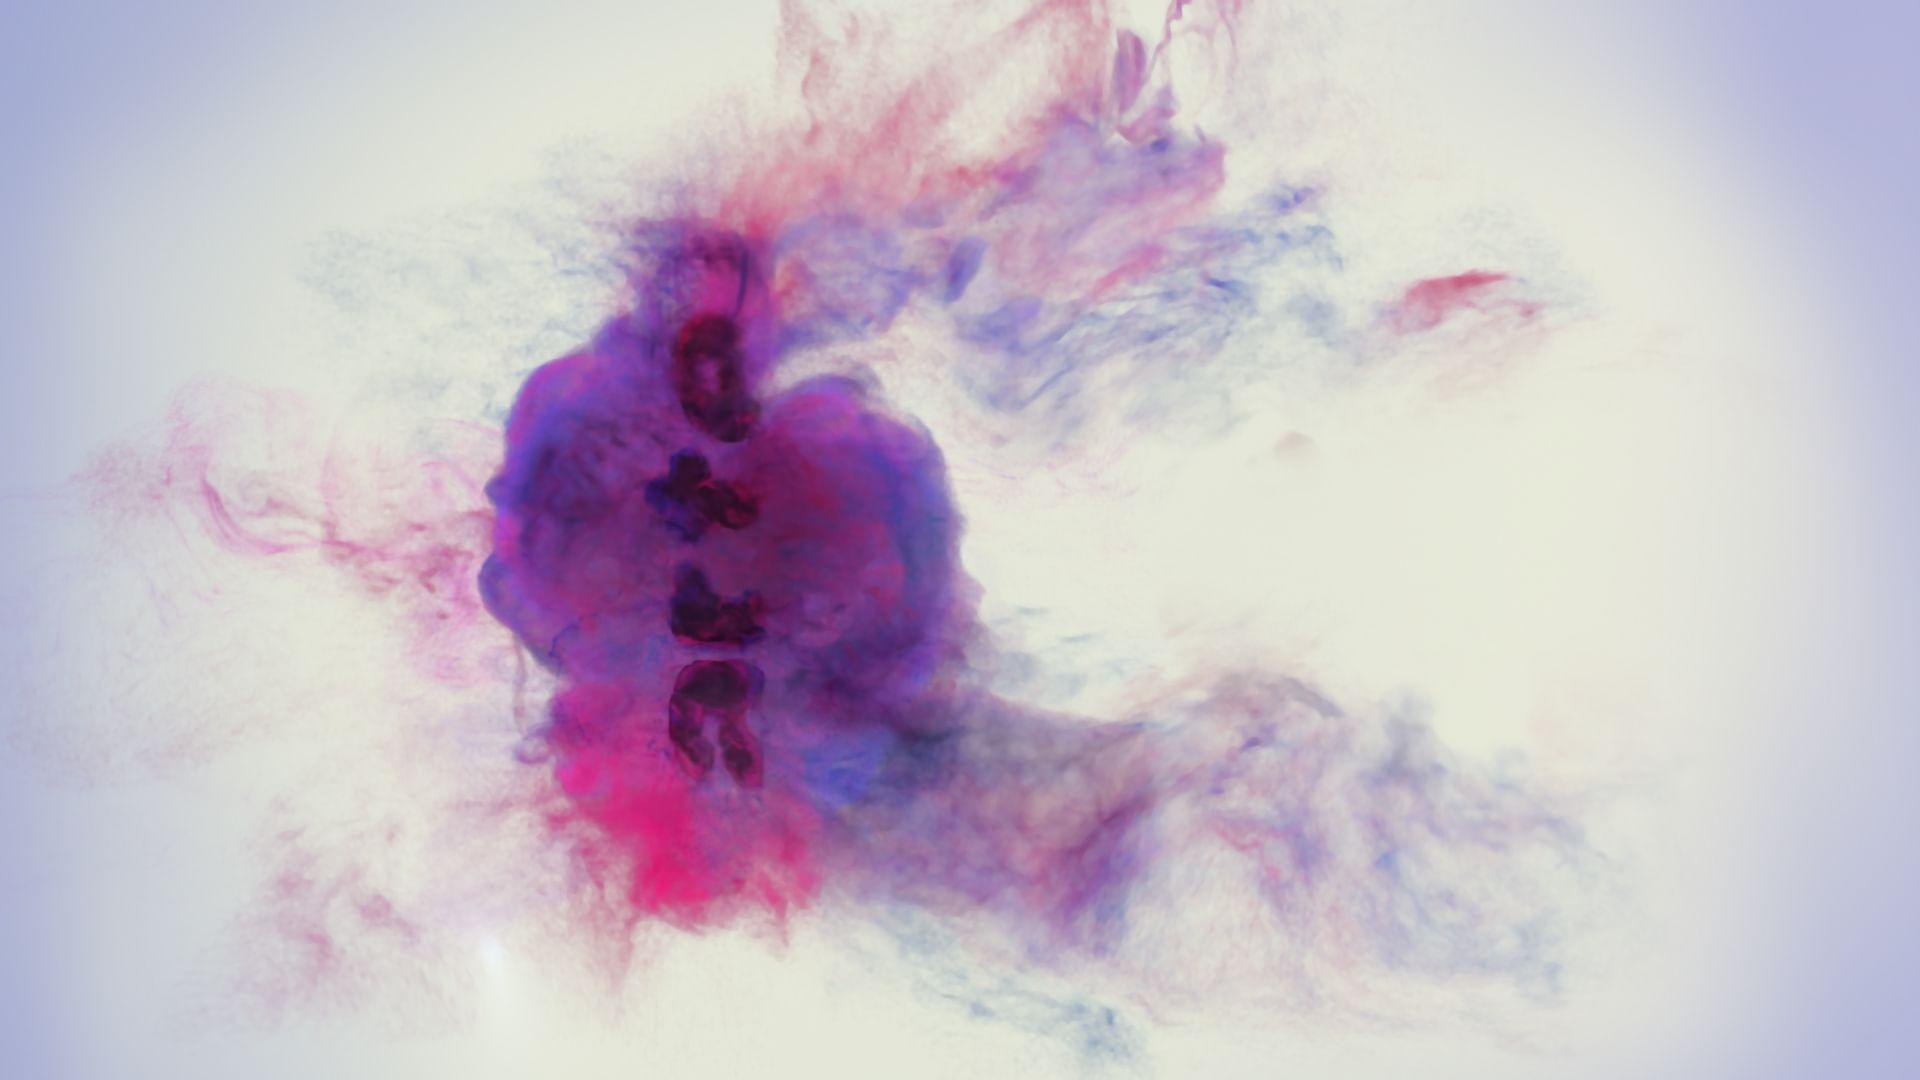 Hace medio siglo que esta saga de ciencia ficción siembra fans por el mundo. Referencia cultural para varias generaciones de espectadores, Star Trek propone un nuevo sistema judicial y económico, y ha inspirado innovaciones tecnológicas y científicas. Un mito de la cultura pop que bien merece una serie documental. Segundo episodio: La historia de una saga.